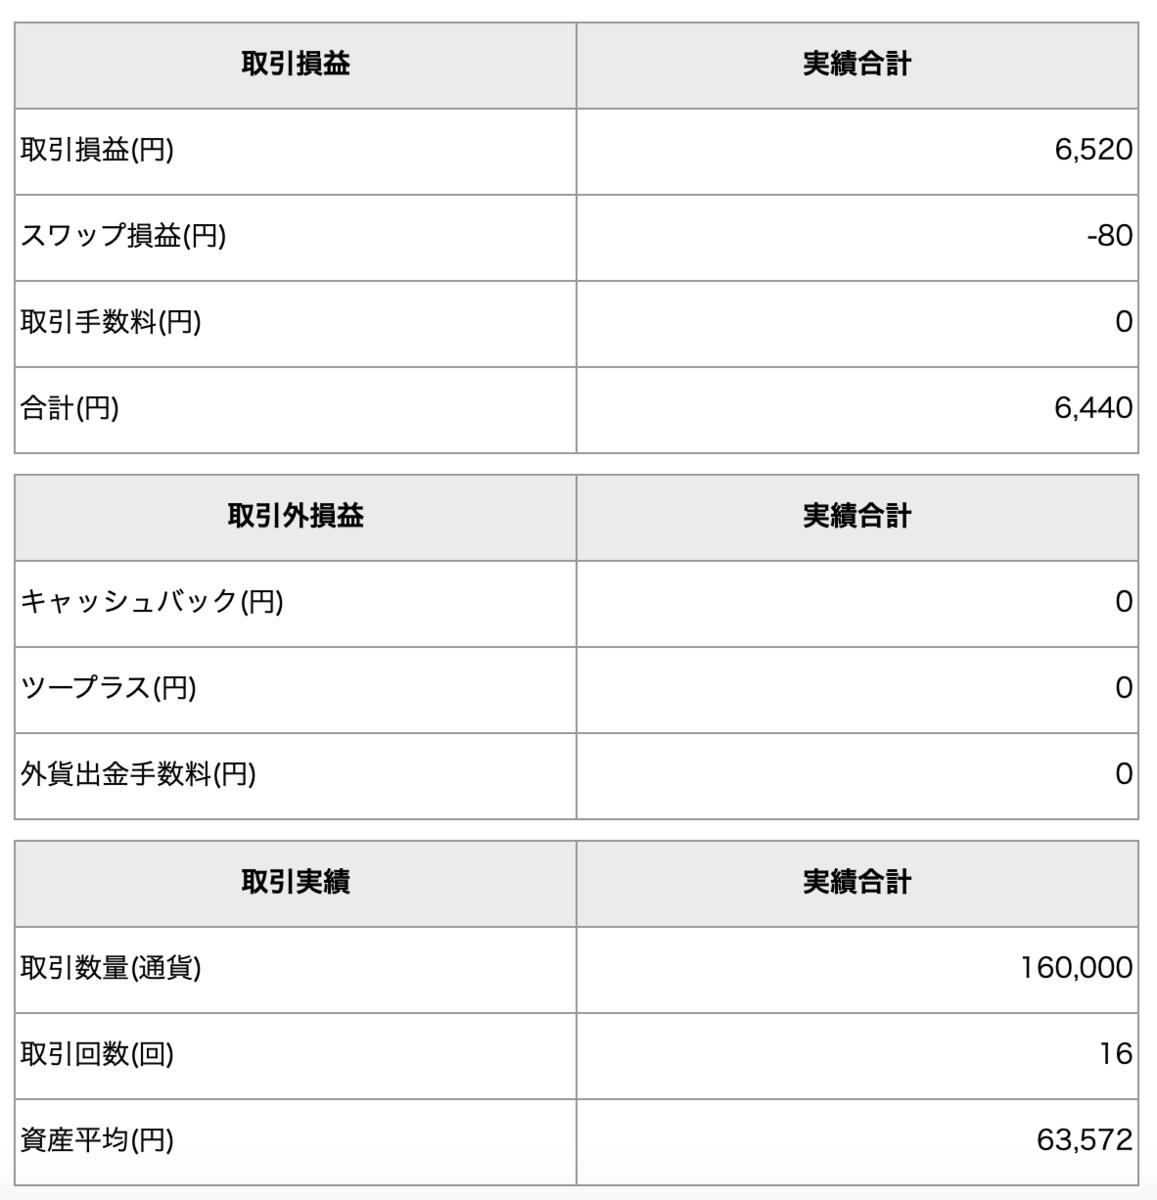 f:id:hank-fire:20210710100747p:plain